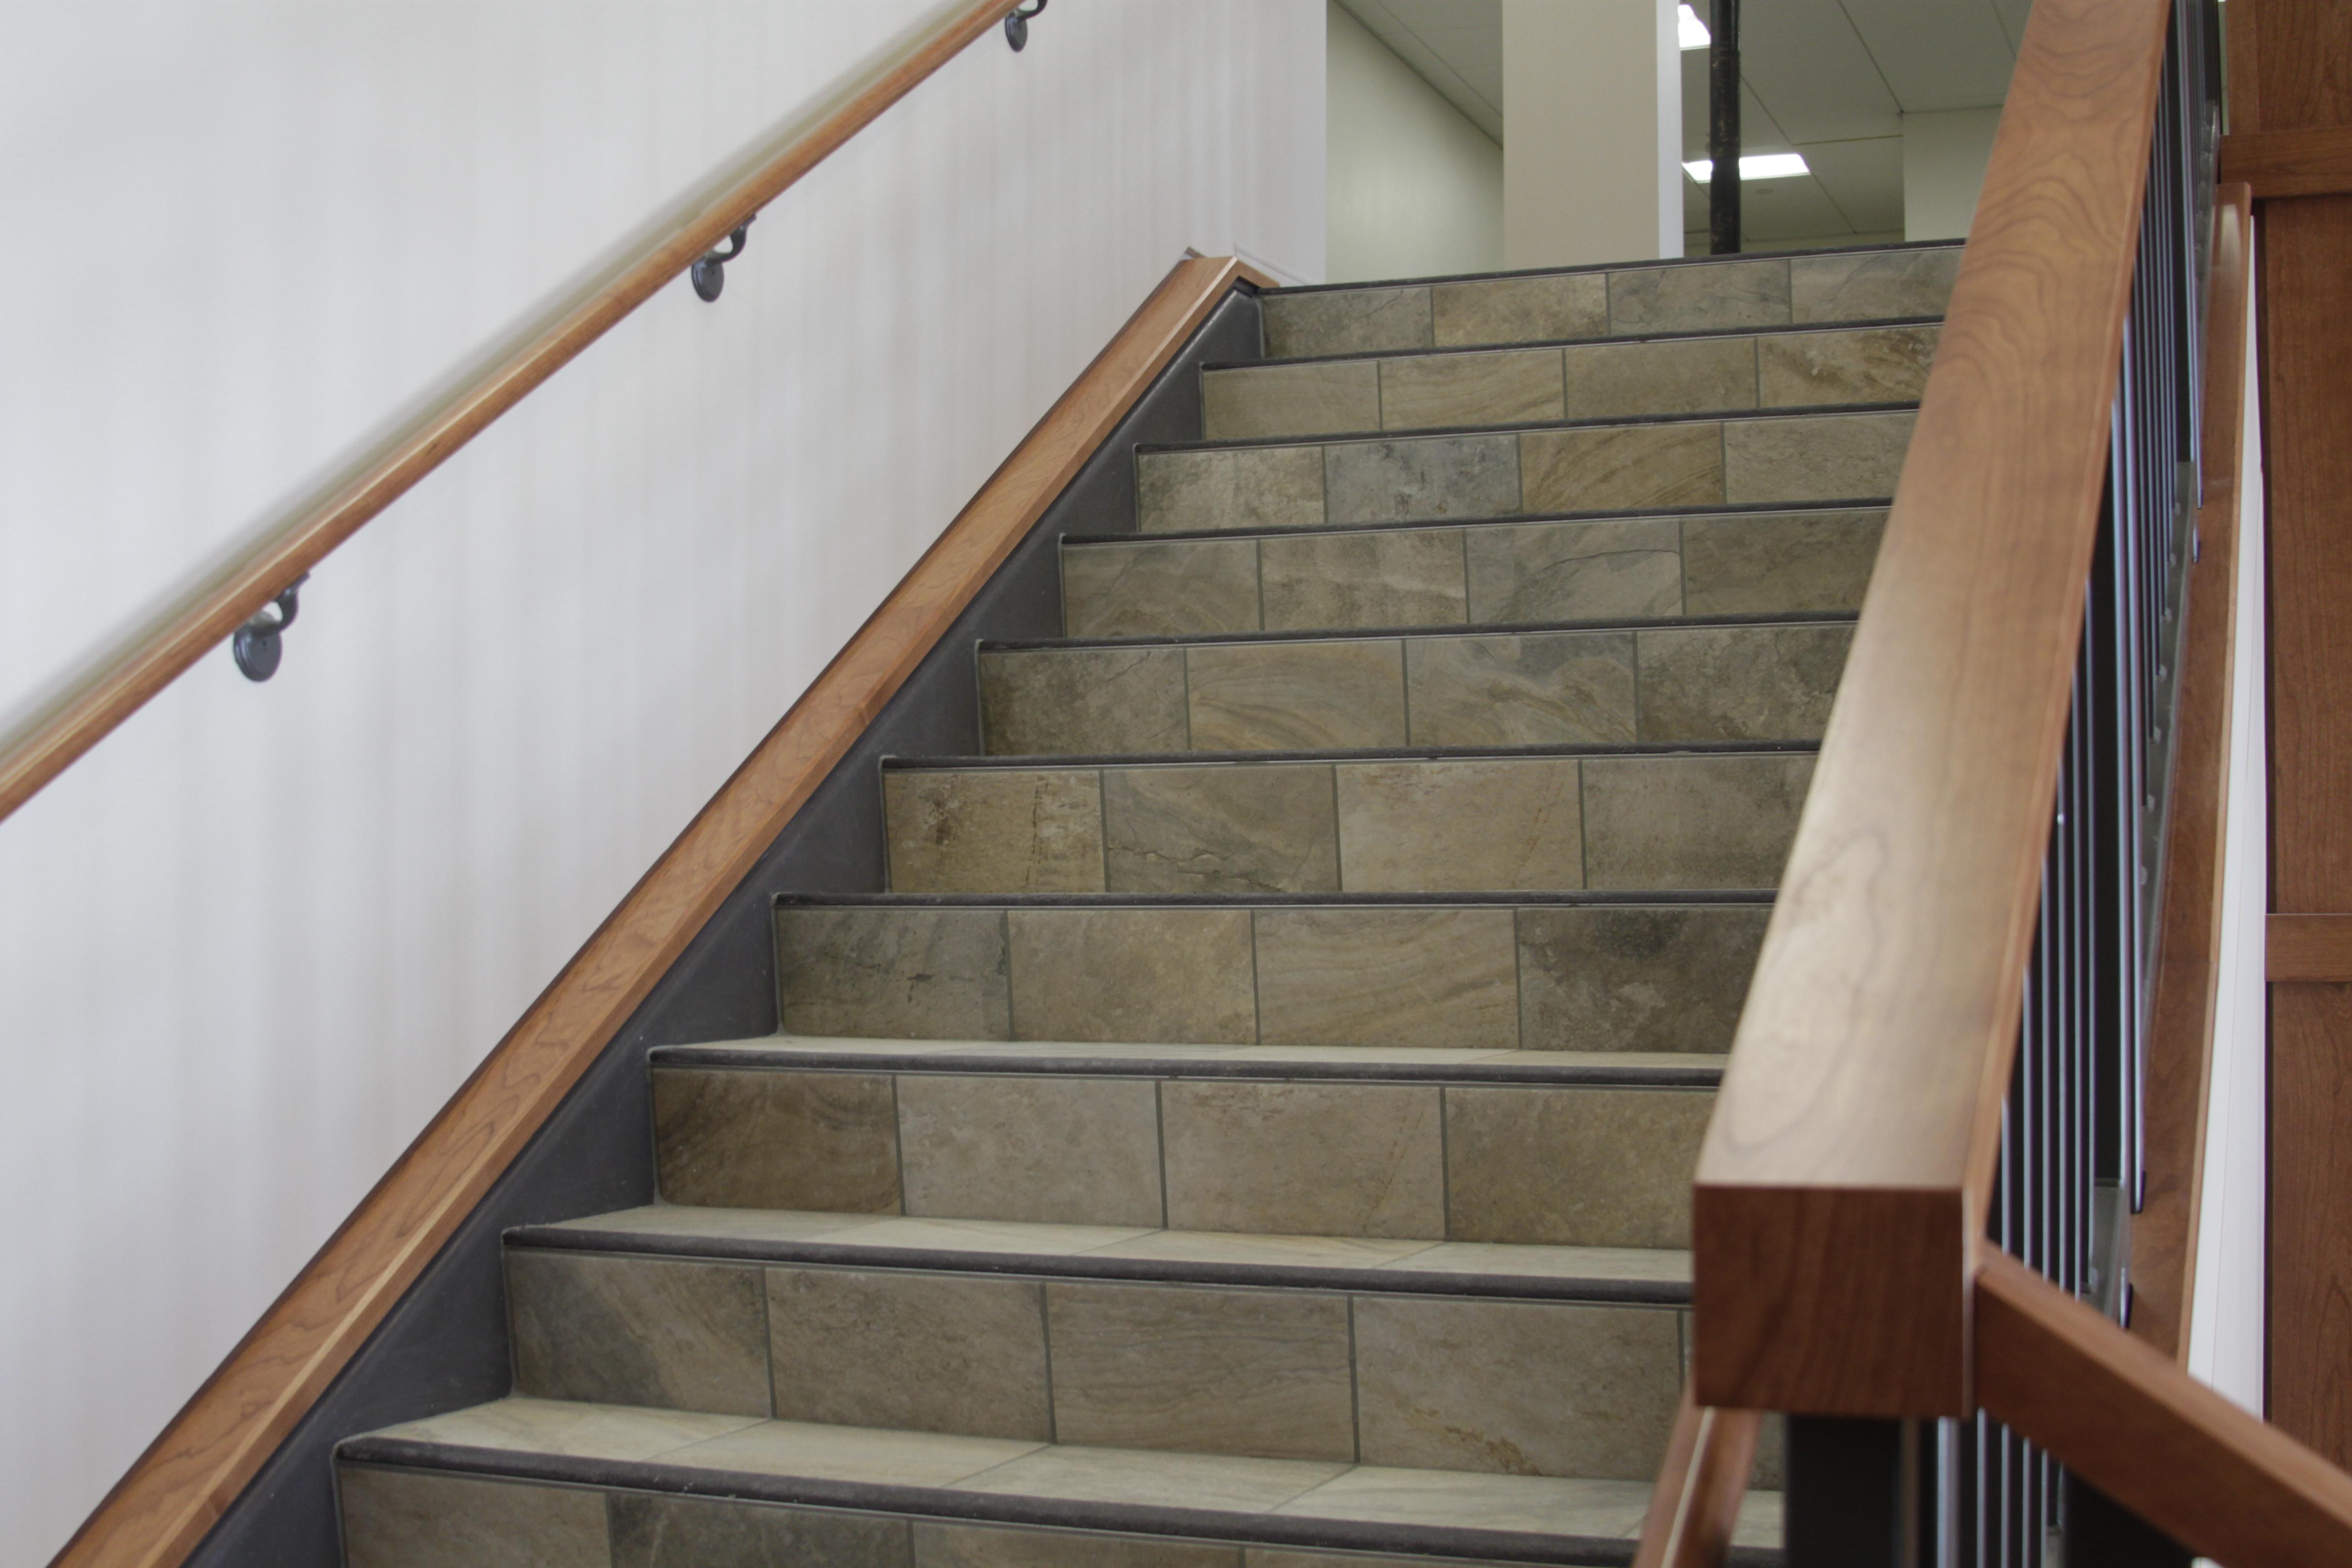 Tiled Flooring Options Ceramic Tile Natural Stone Glass